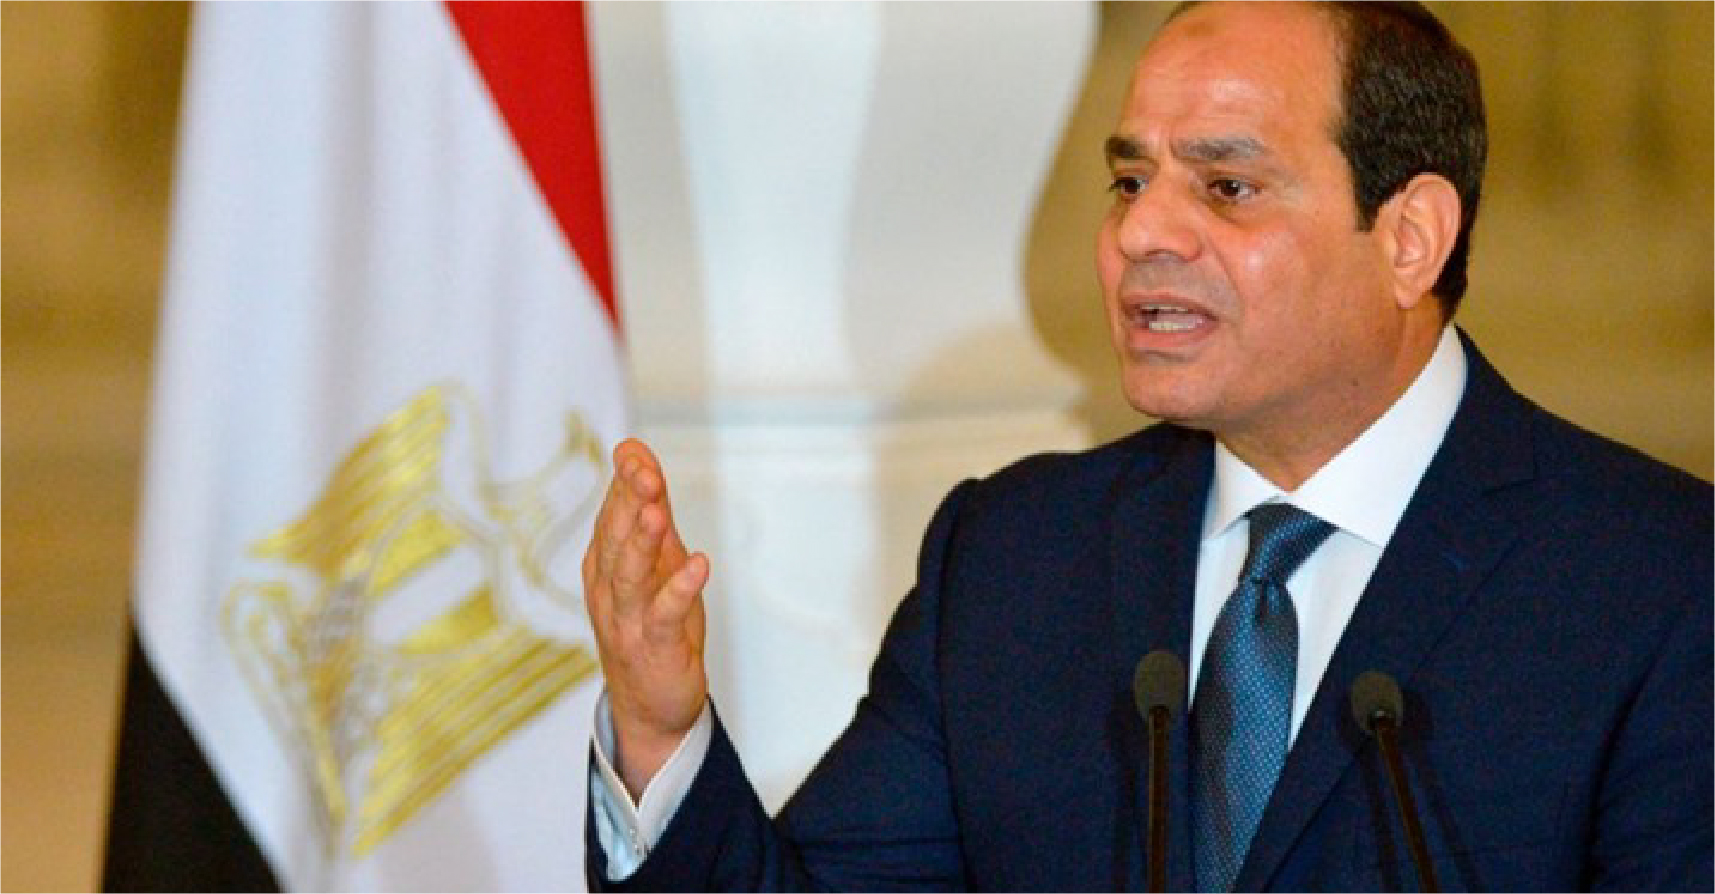 صورة السيسي يؤكّّد أنّّه يعتقل منافسيه على الرئاسة ليجنّبهم مرارة الخسارة أمامه